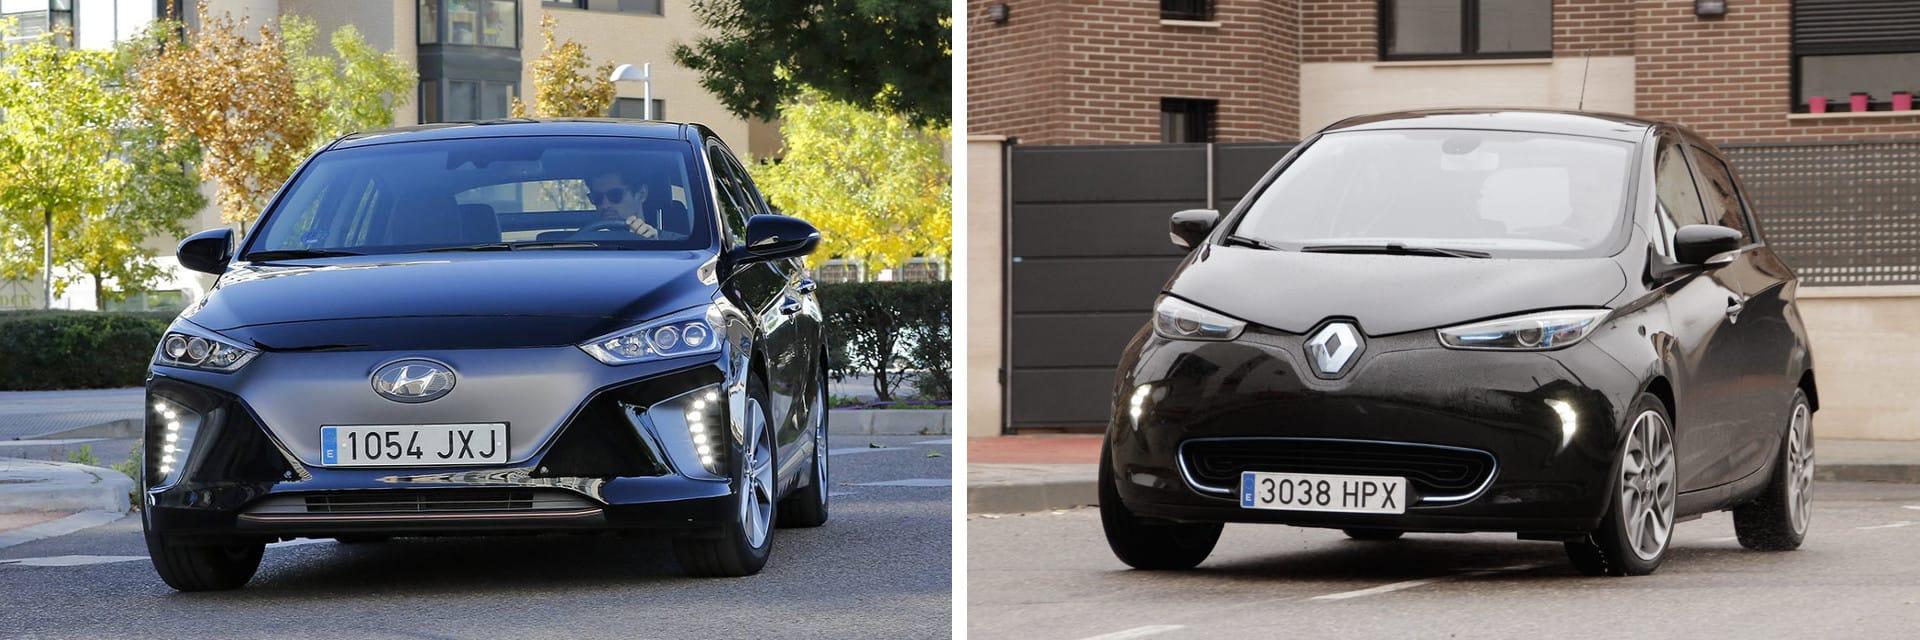 La batería del del Hyundai IONIQ (izq.) consume un 25 por ciento menos que la del Renault ZOE (dcha.)